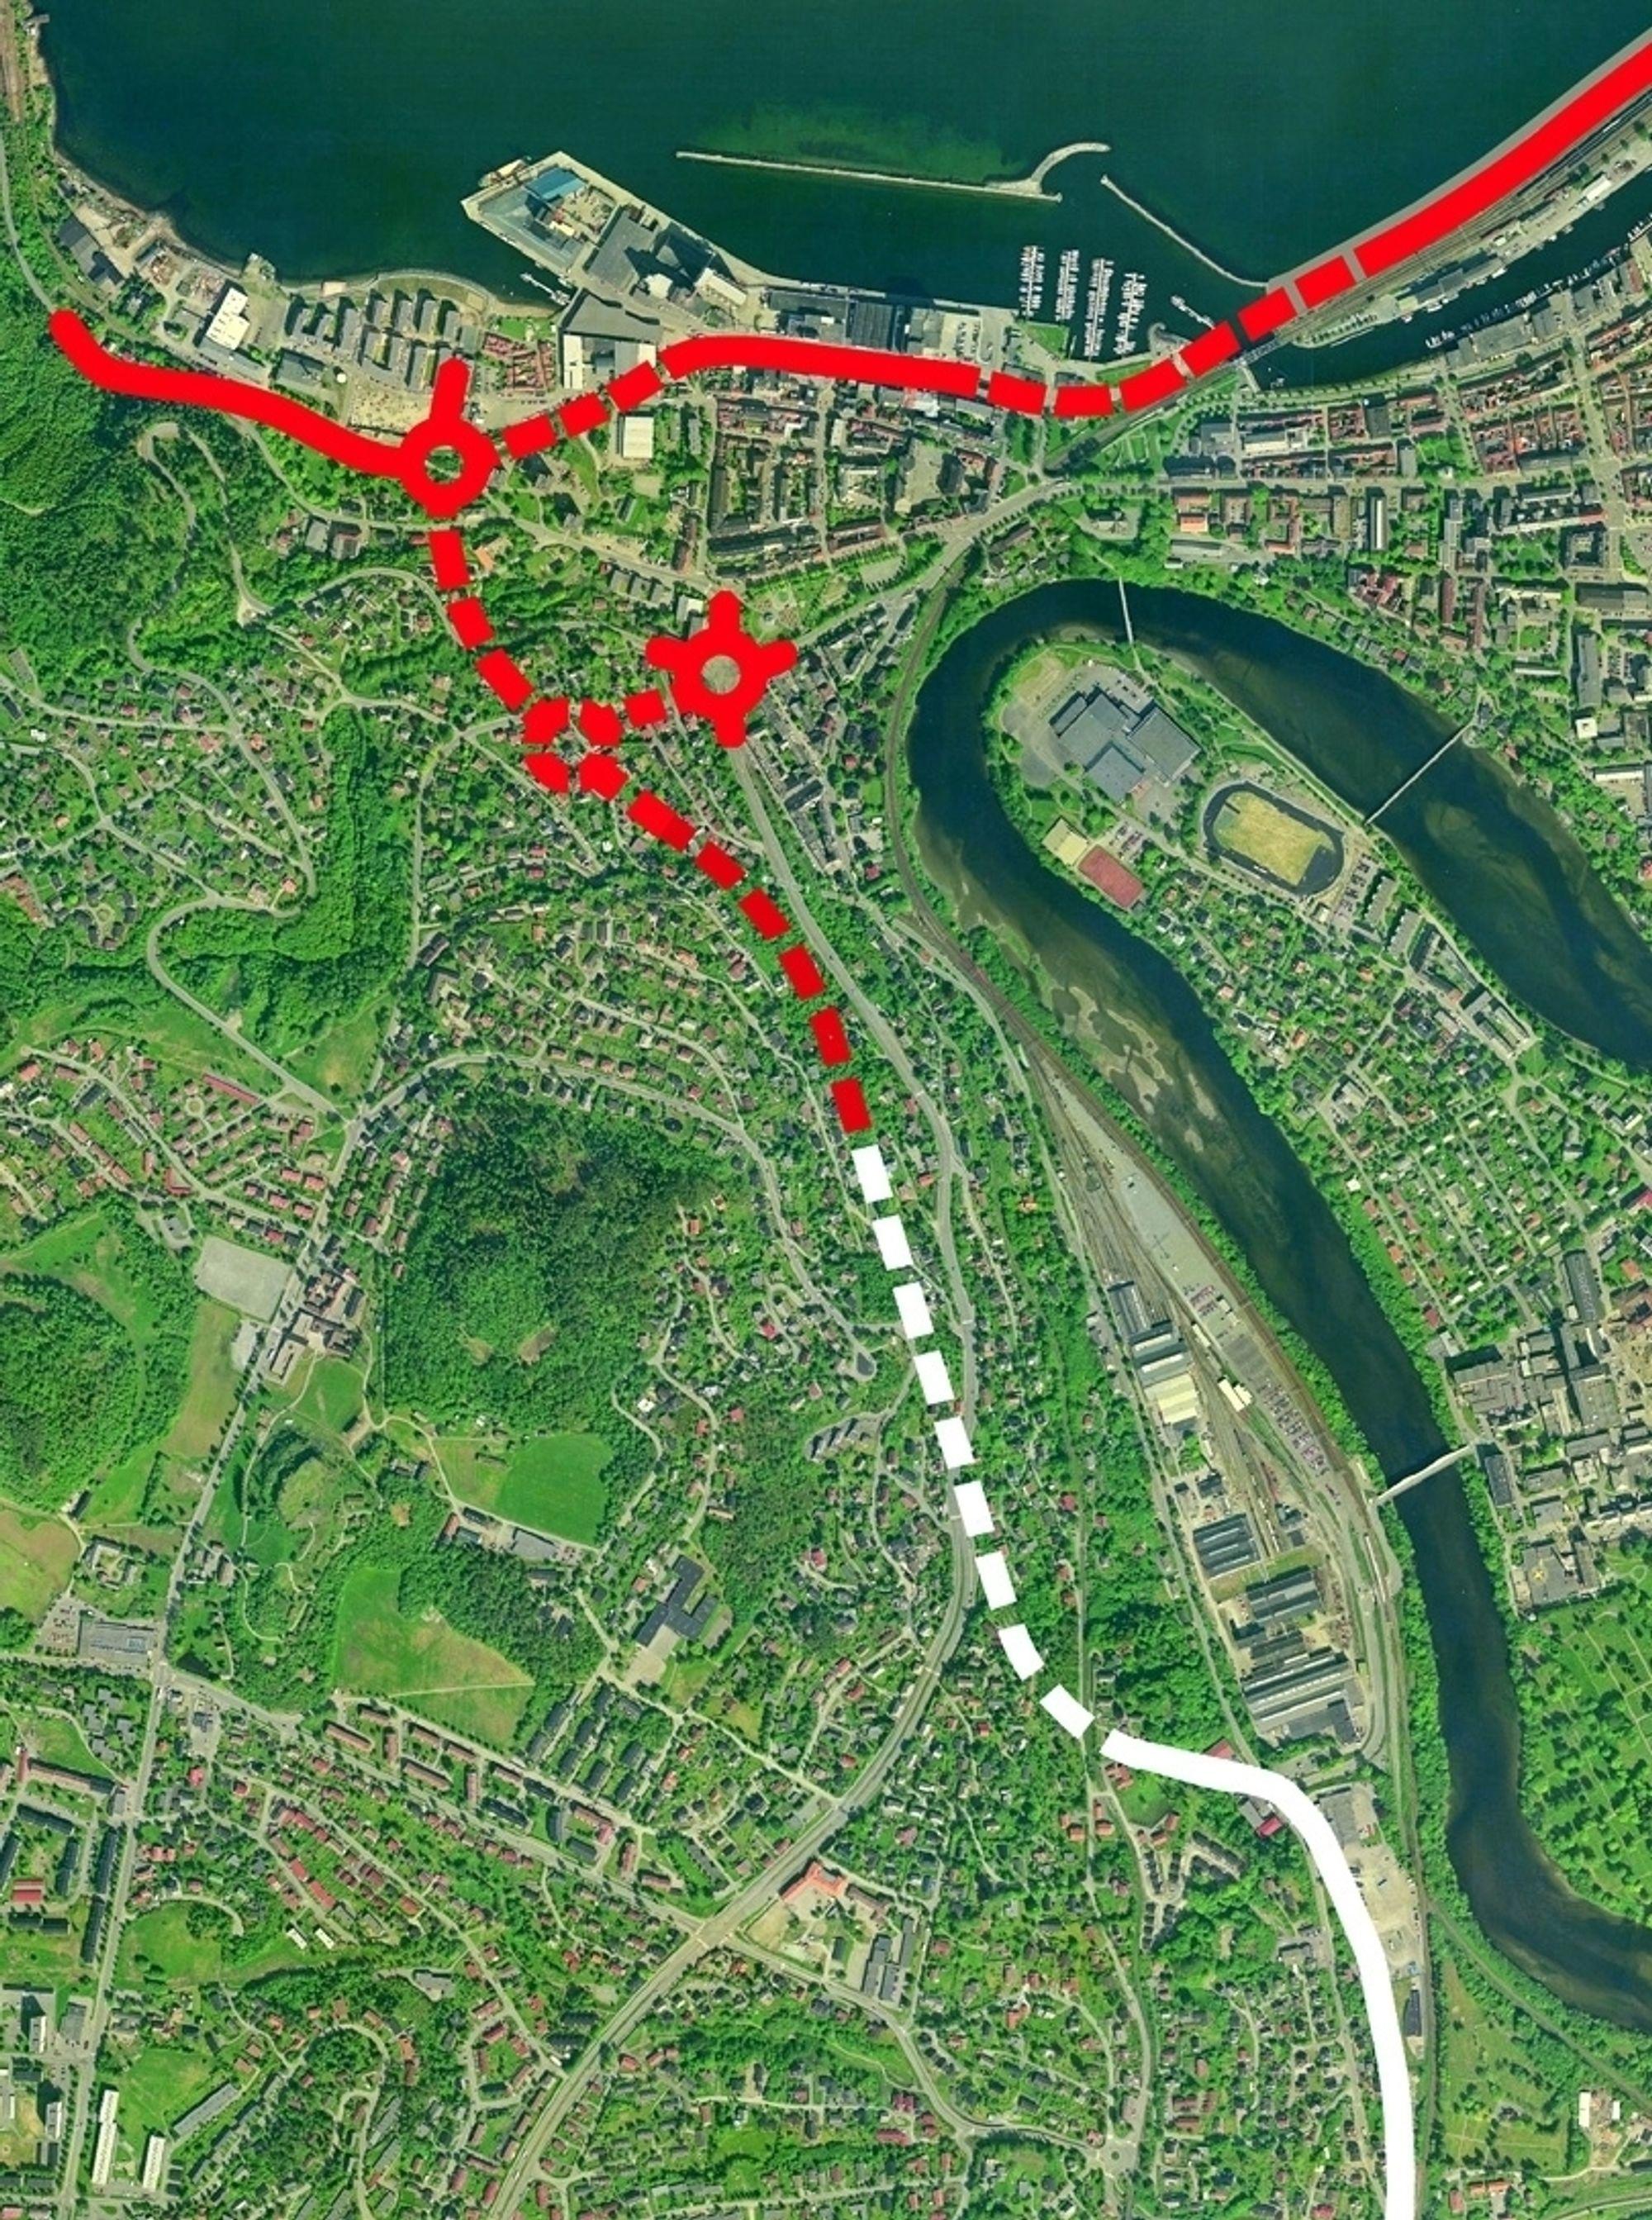 Den hvite linjen markerer den delen av Steinbergtunnelen som inngår i siste entreprise. Bildet gir ikke helt riktig bilde av situasjonen. Den hvite linjen skulle gått opp til rundkjøringen lenger nord. (Ill.: Statens vegvesen)